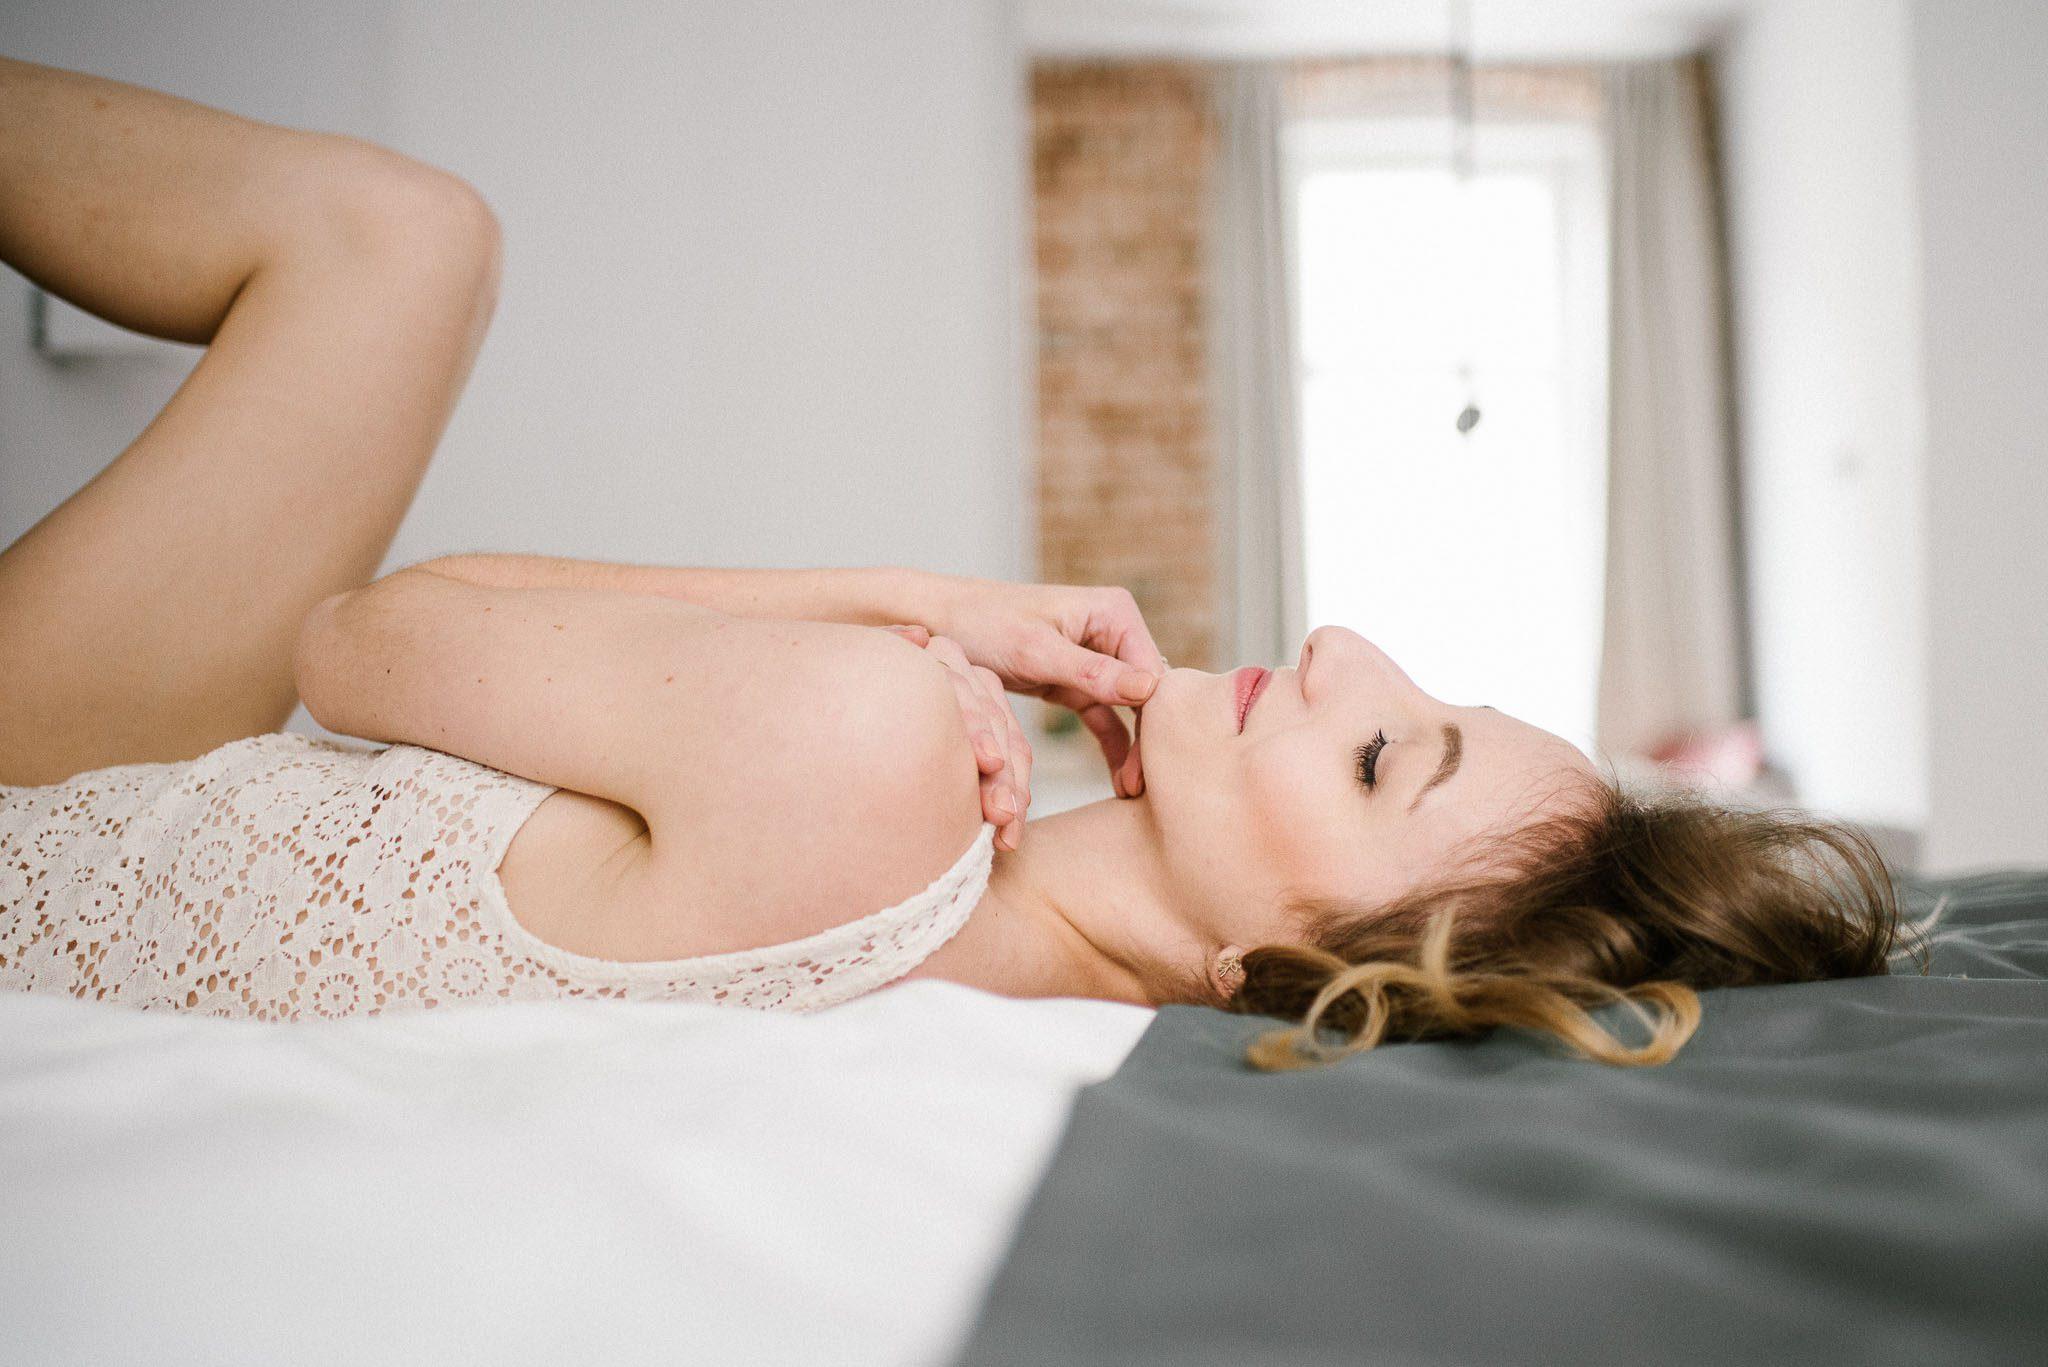 Kobieta na łóżku w bieliźnie gładzi się po dekolcie - sesja kobieca w apartamencie w Poznaniu